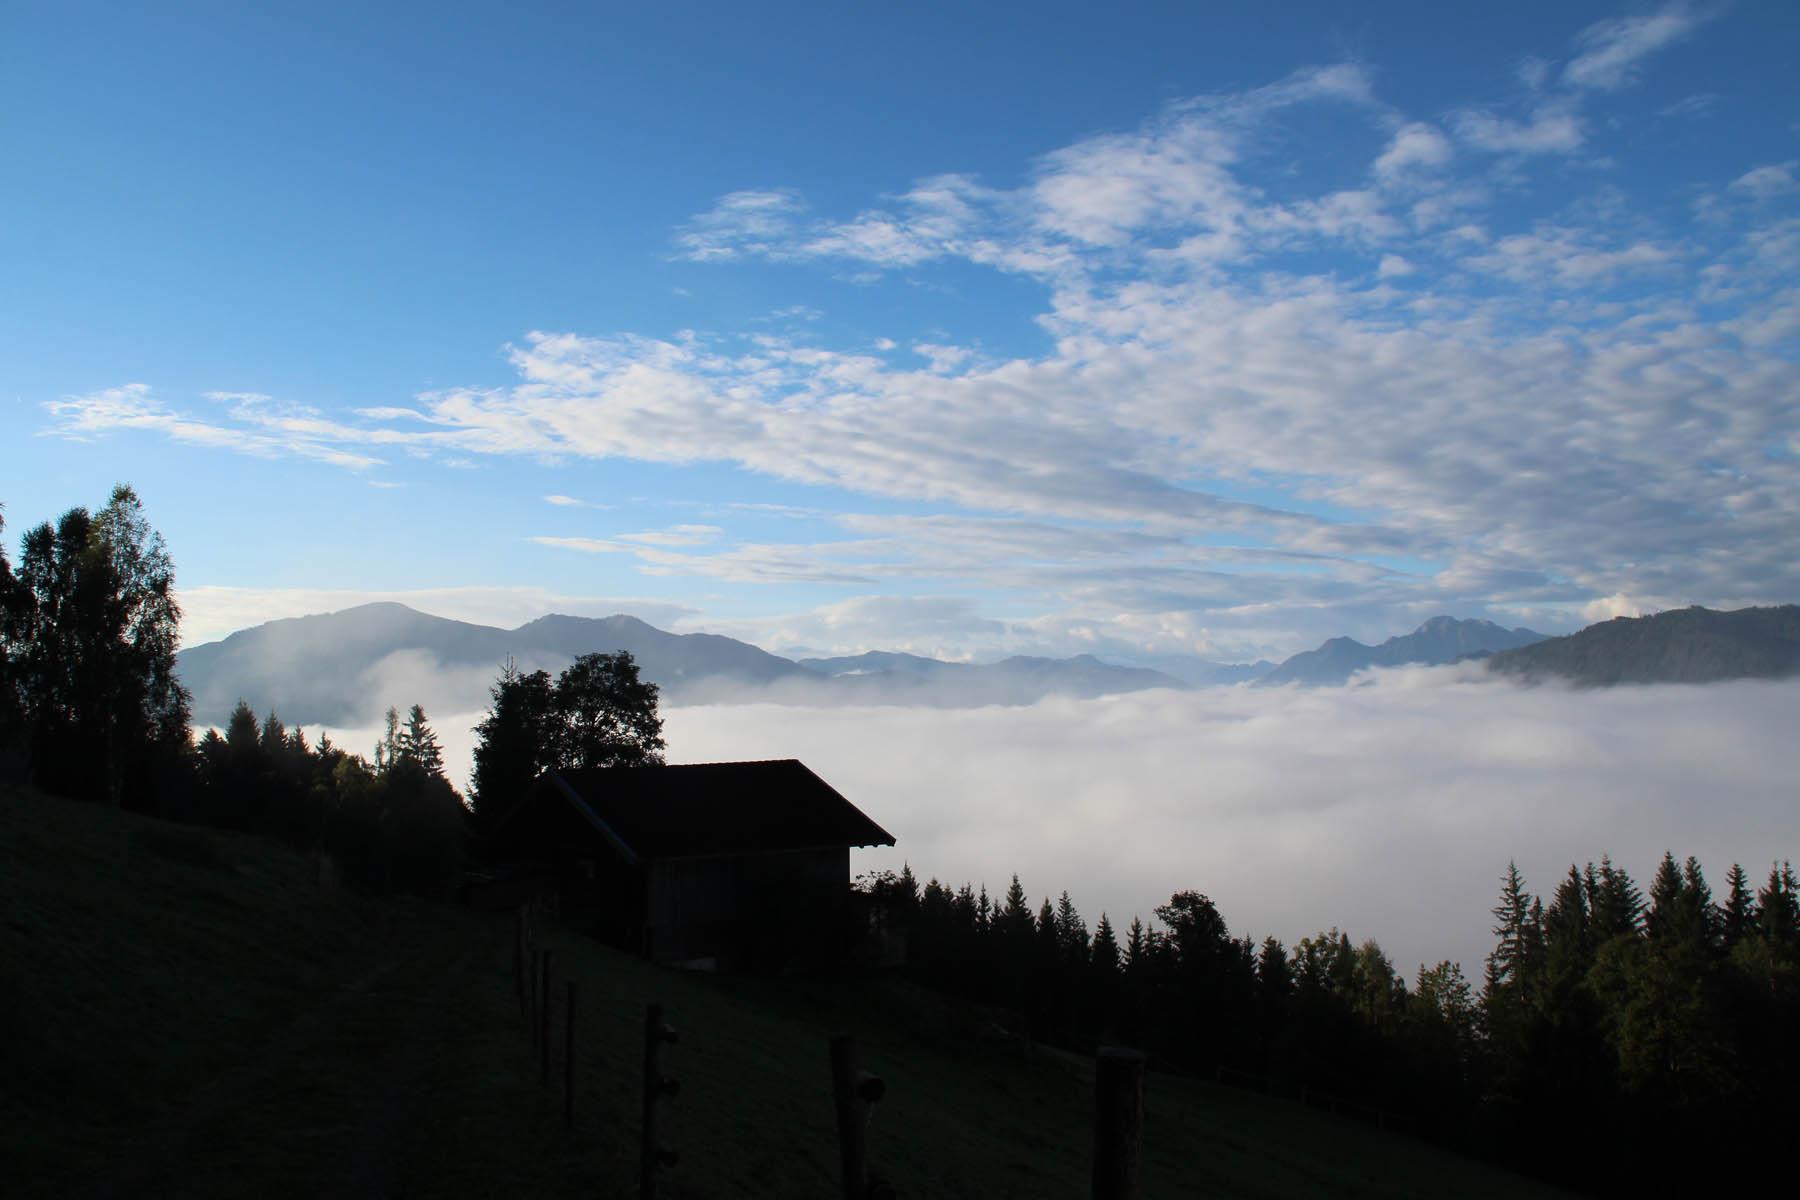 Schattiger Aufstieg am frühen Morgen von der Mahdegg Alm aus